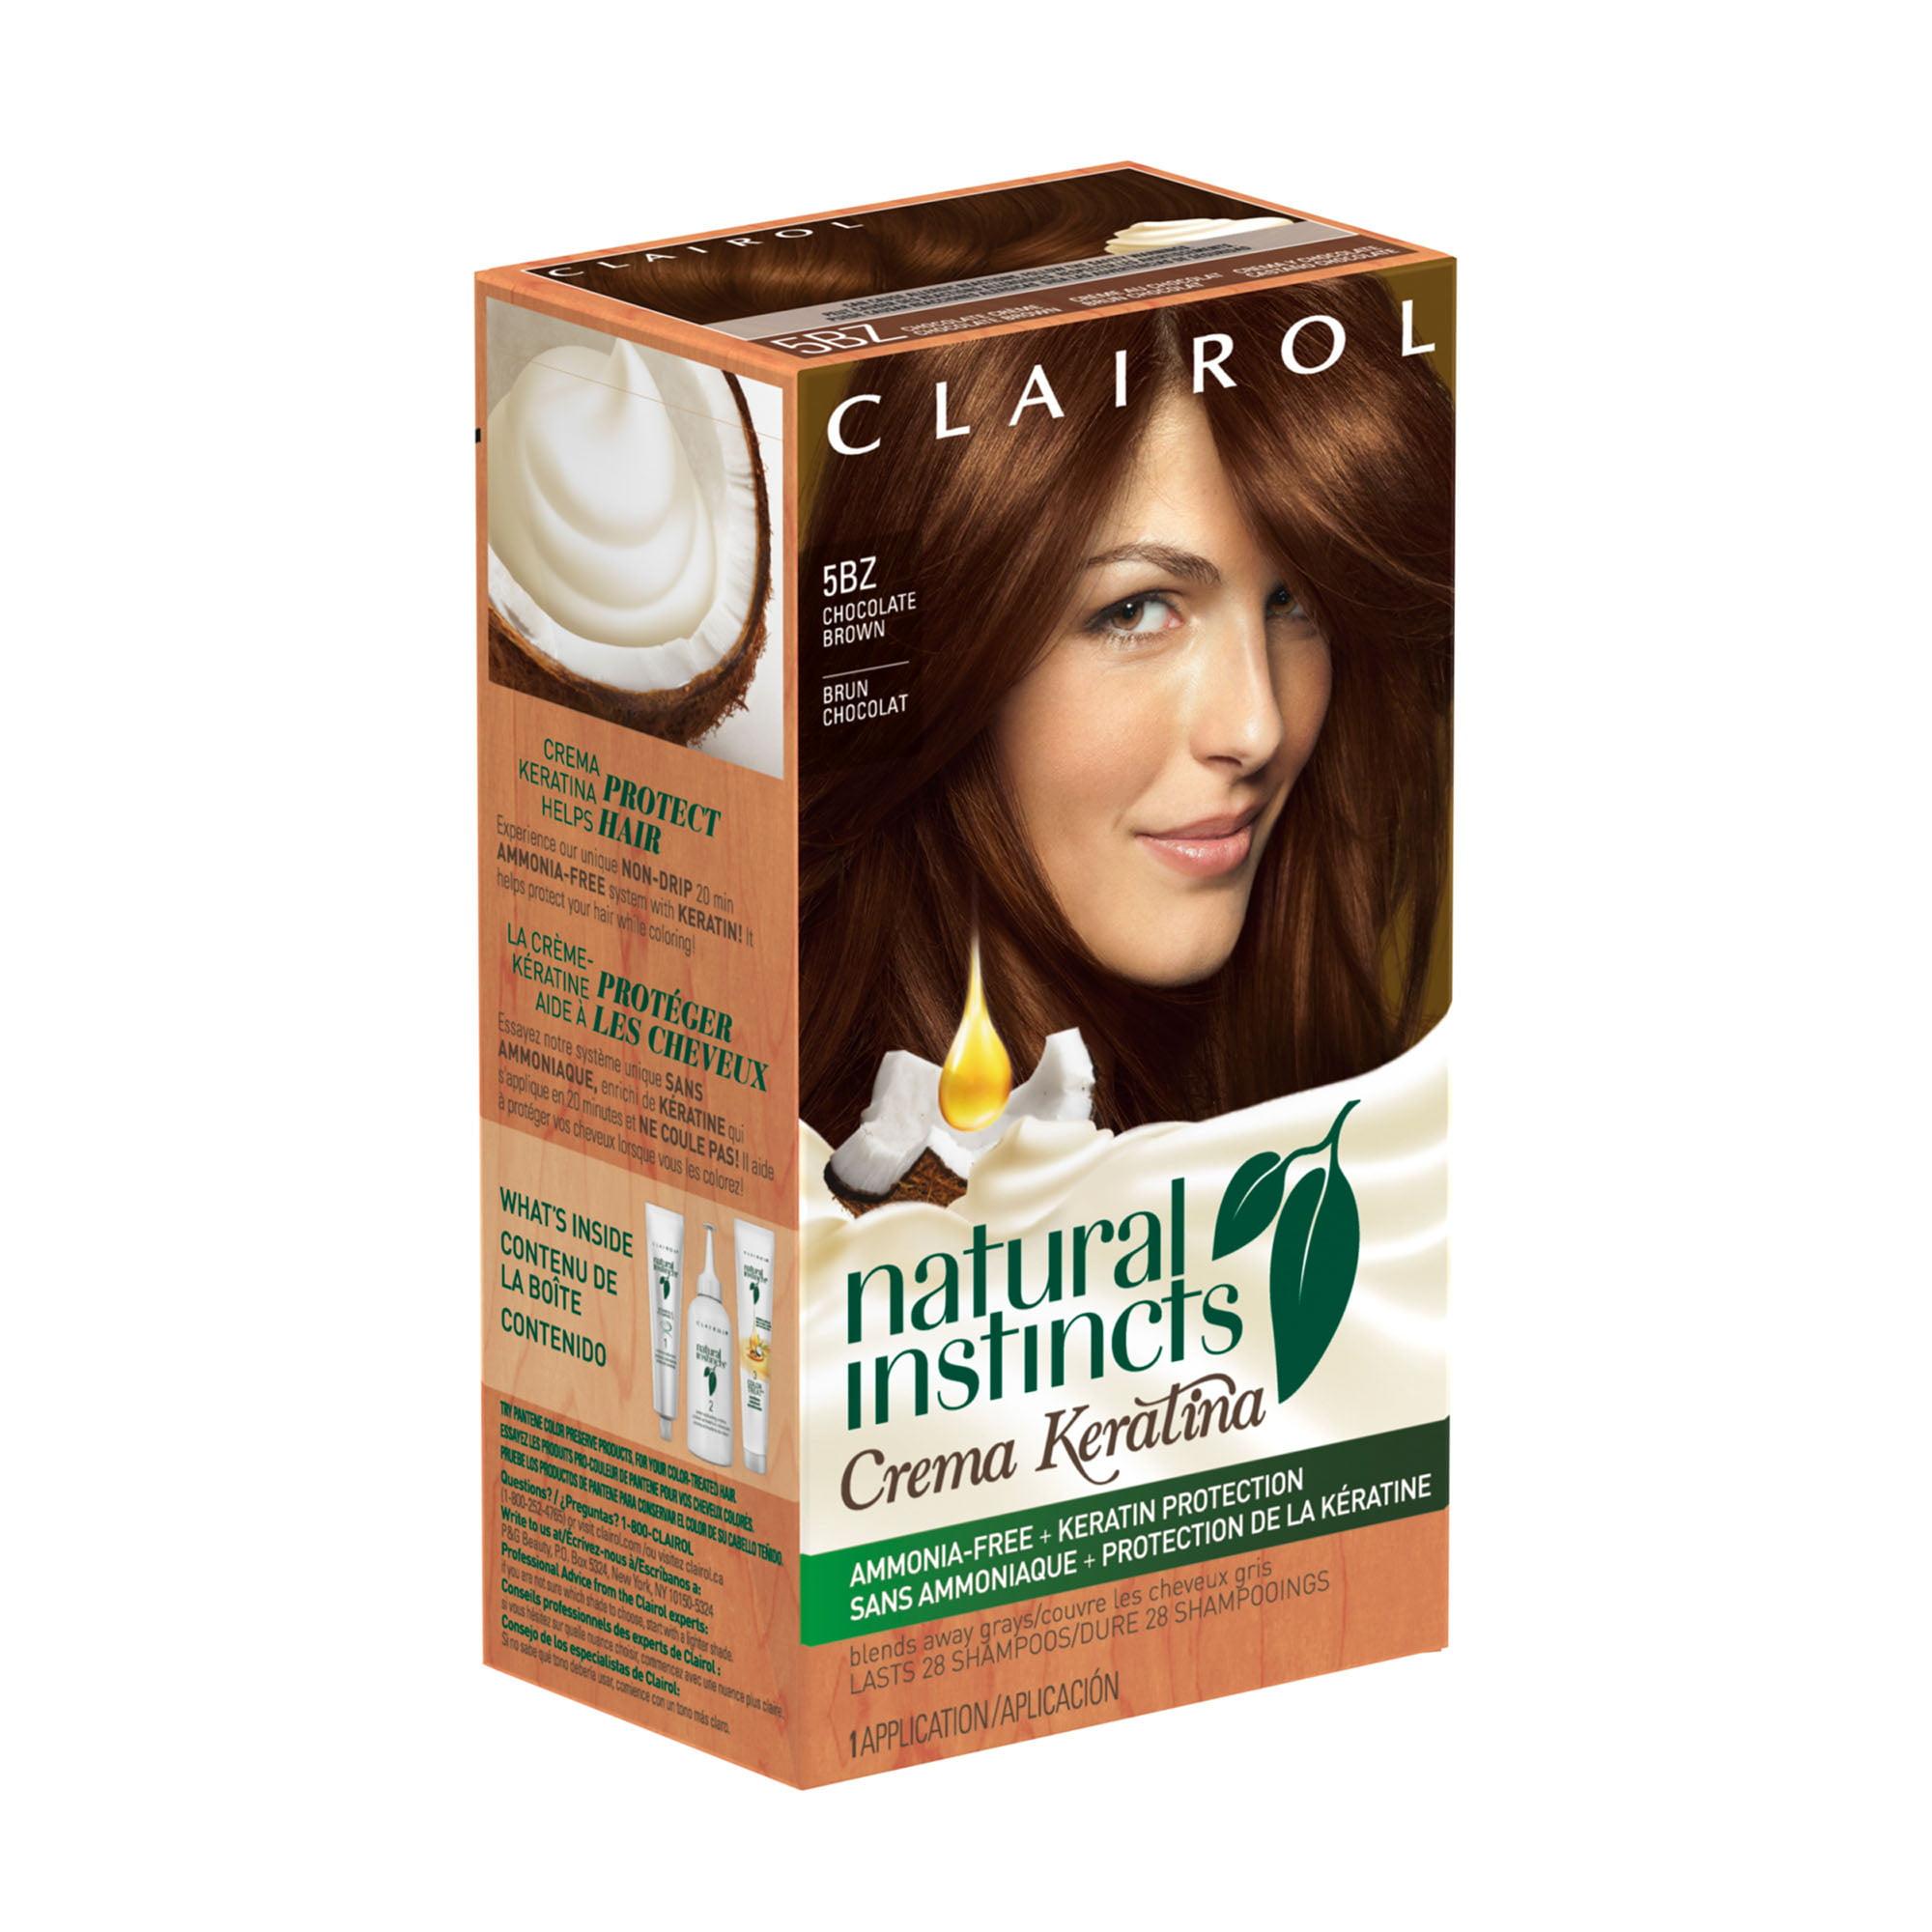 Clairol Natural Instincts Crema Keratina Hair Color 5bz Chocolate